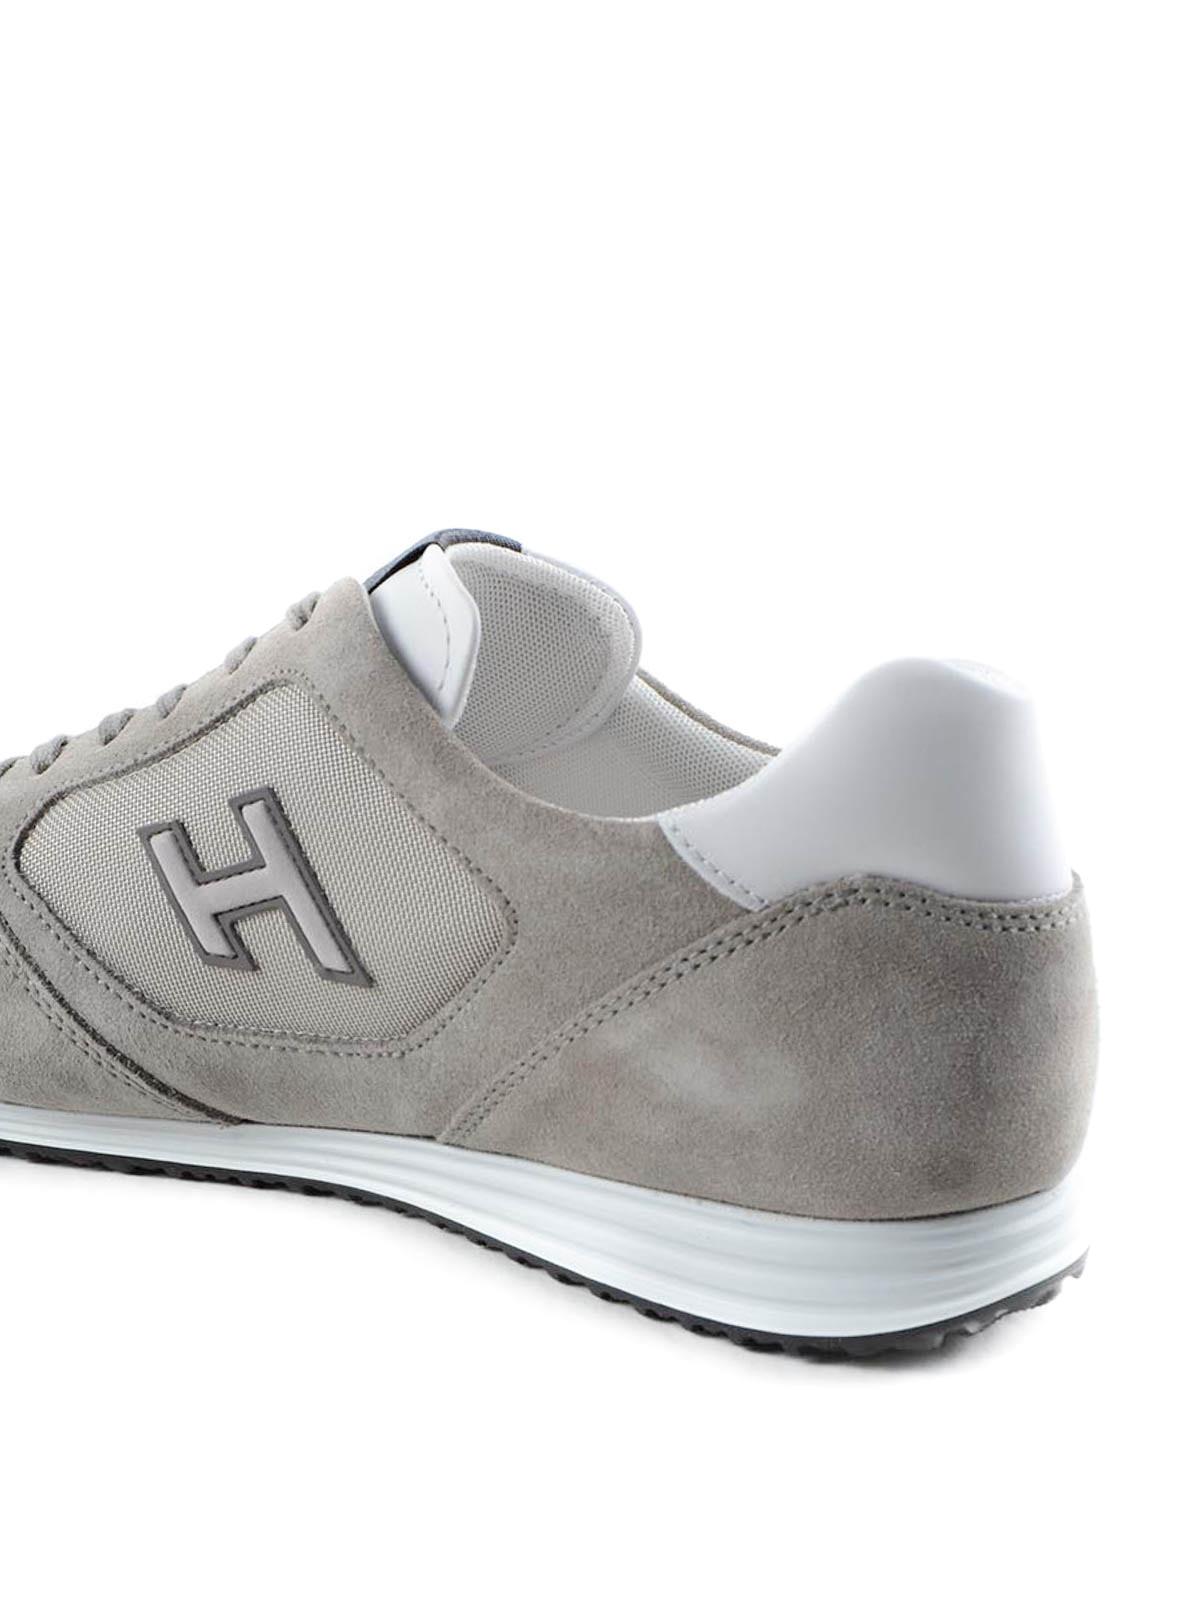 Hogan - Olympia X H205 sneakers - trainers - HXM2050U670E4U736G